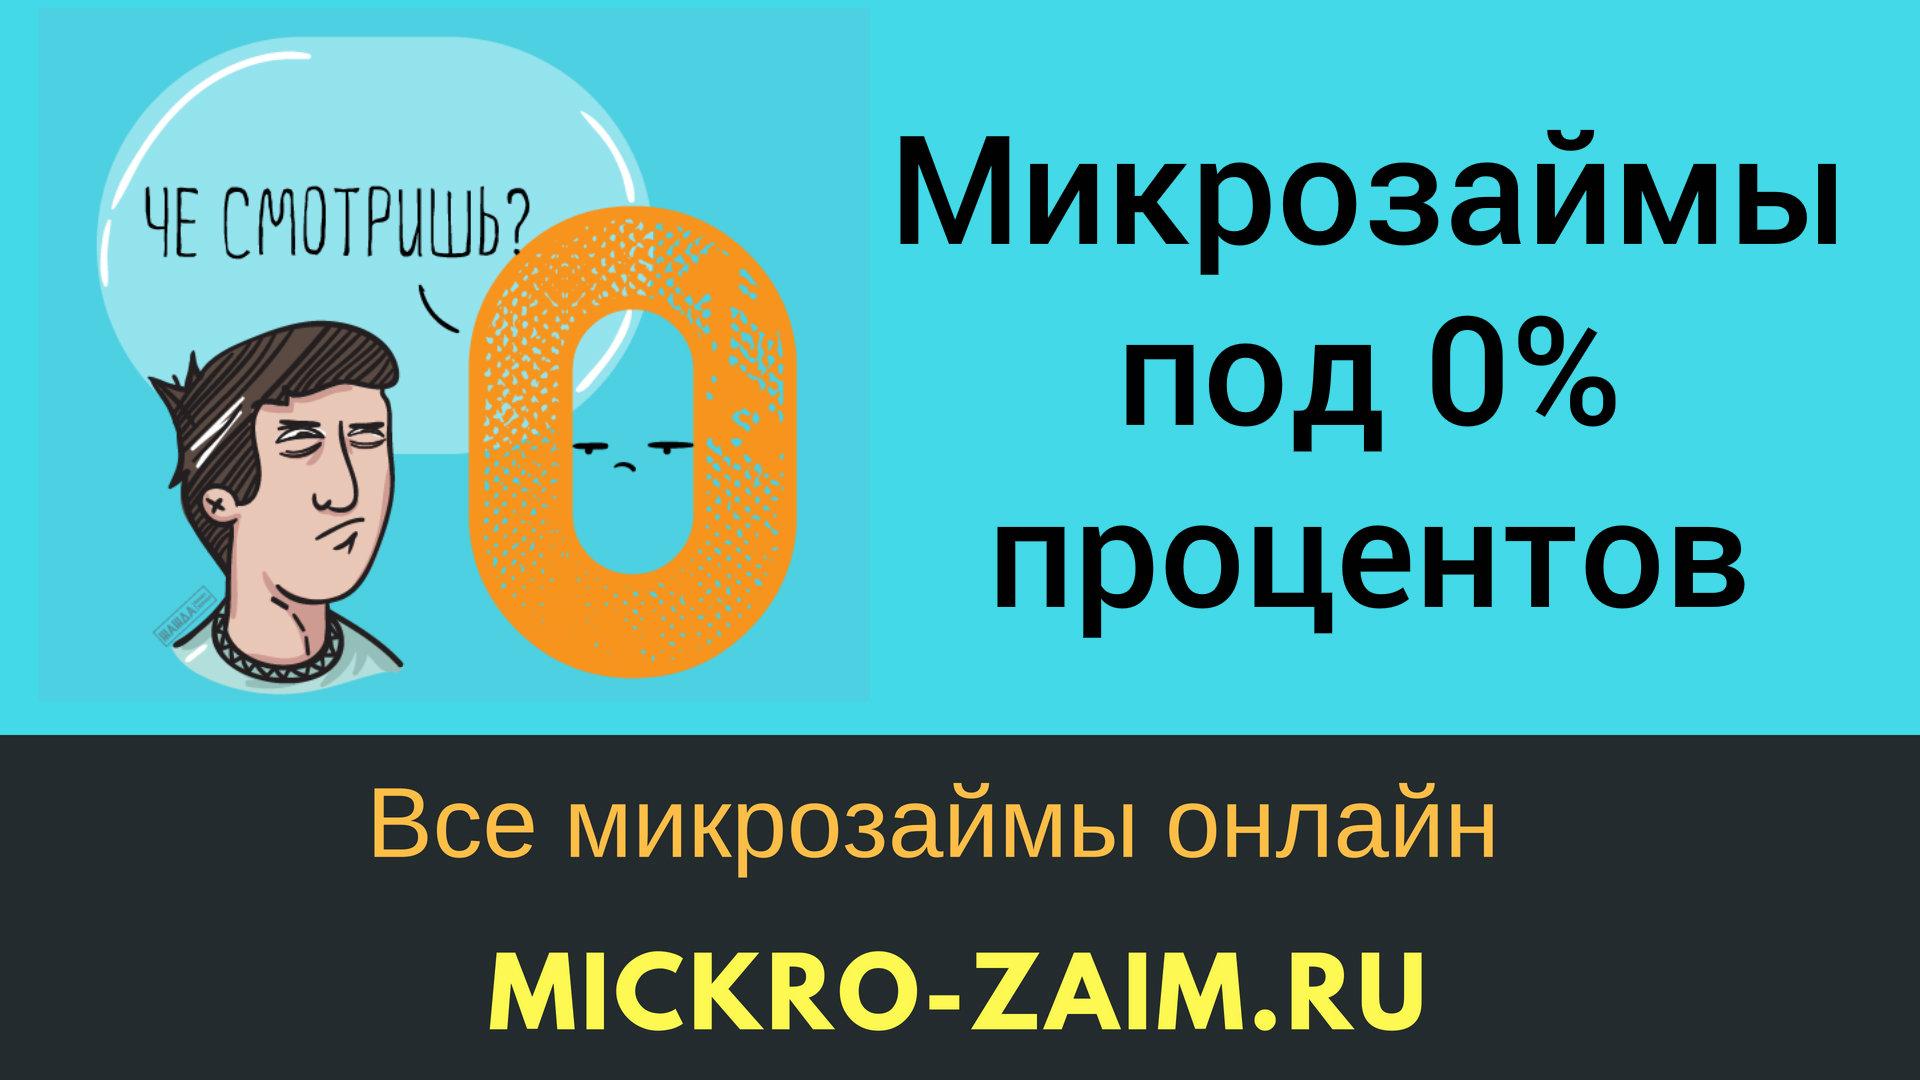 микрозайм минимальный процент